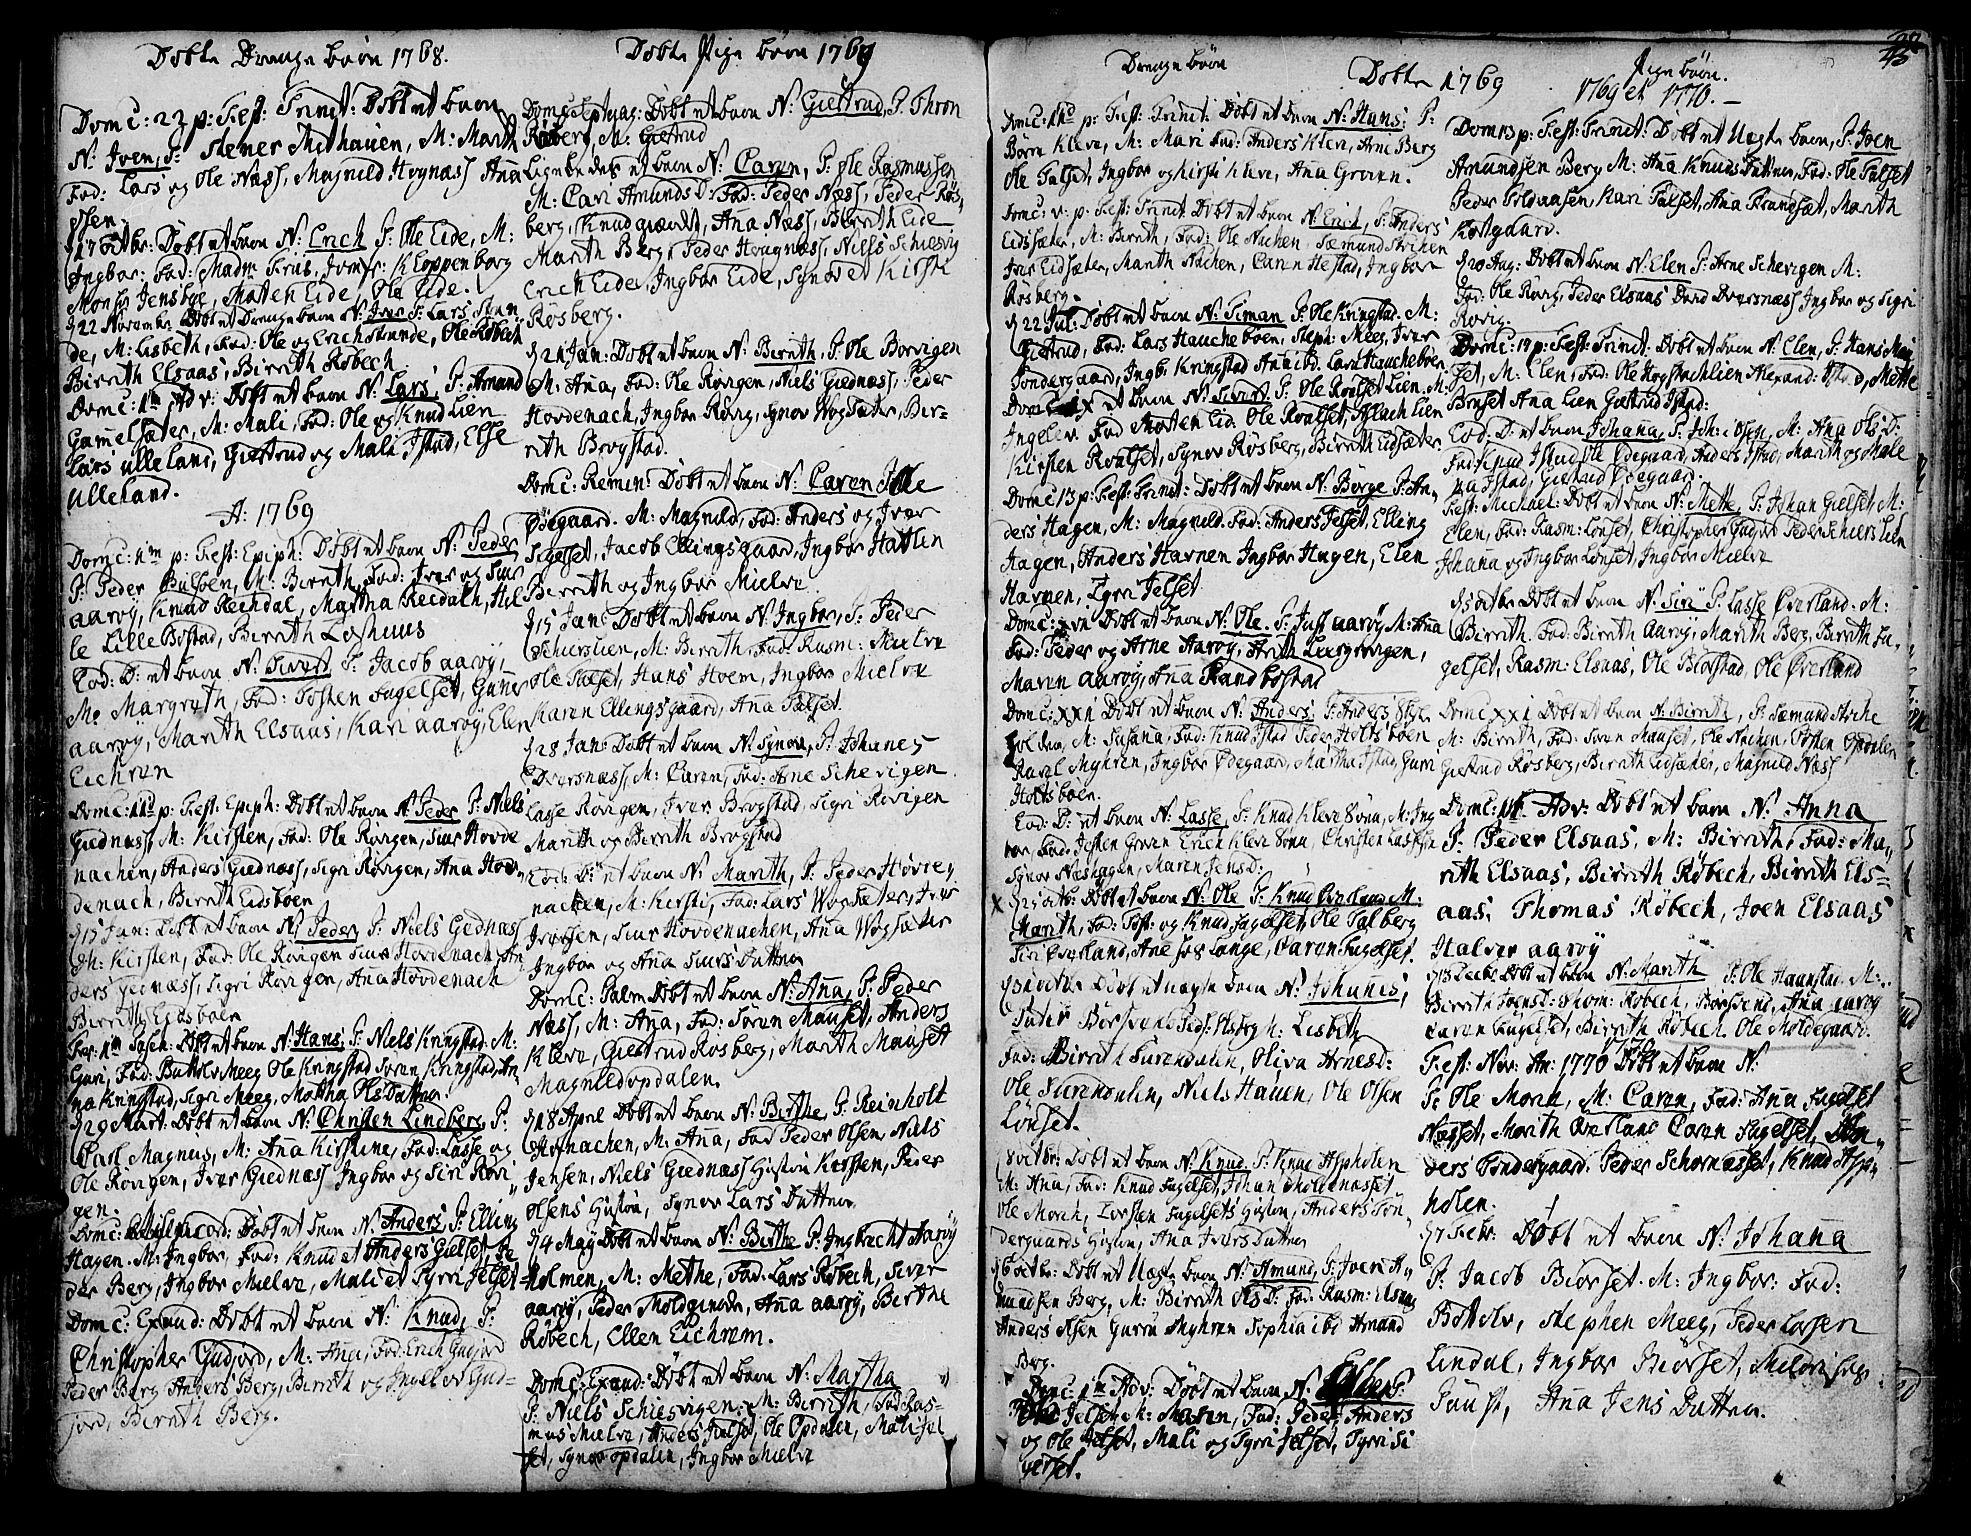 SAT, Ministerialprotokoller, klokkerbøker og fødselsregistre - Møre og Romsdal, 555/L0648: Ministerialbok nr. 555A01, 1759-1793, s. 45